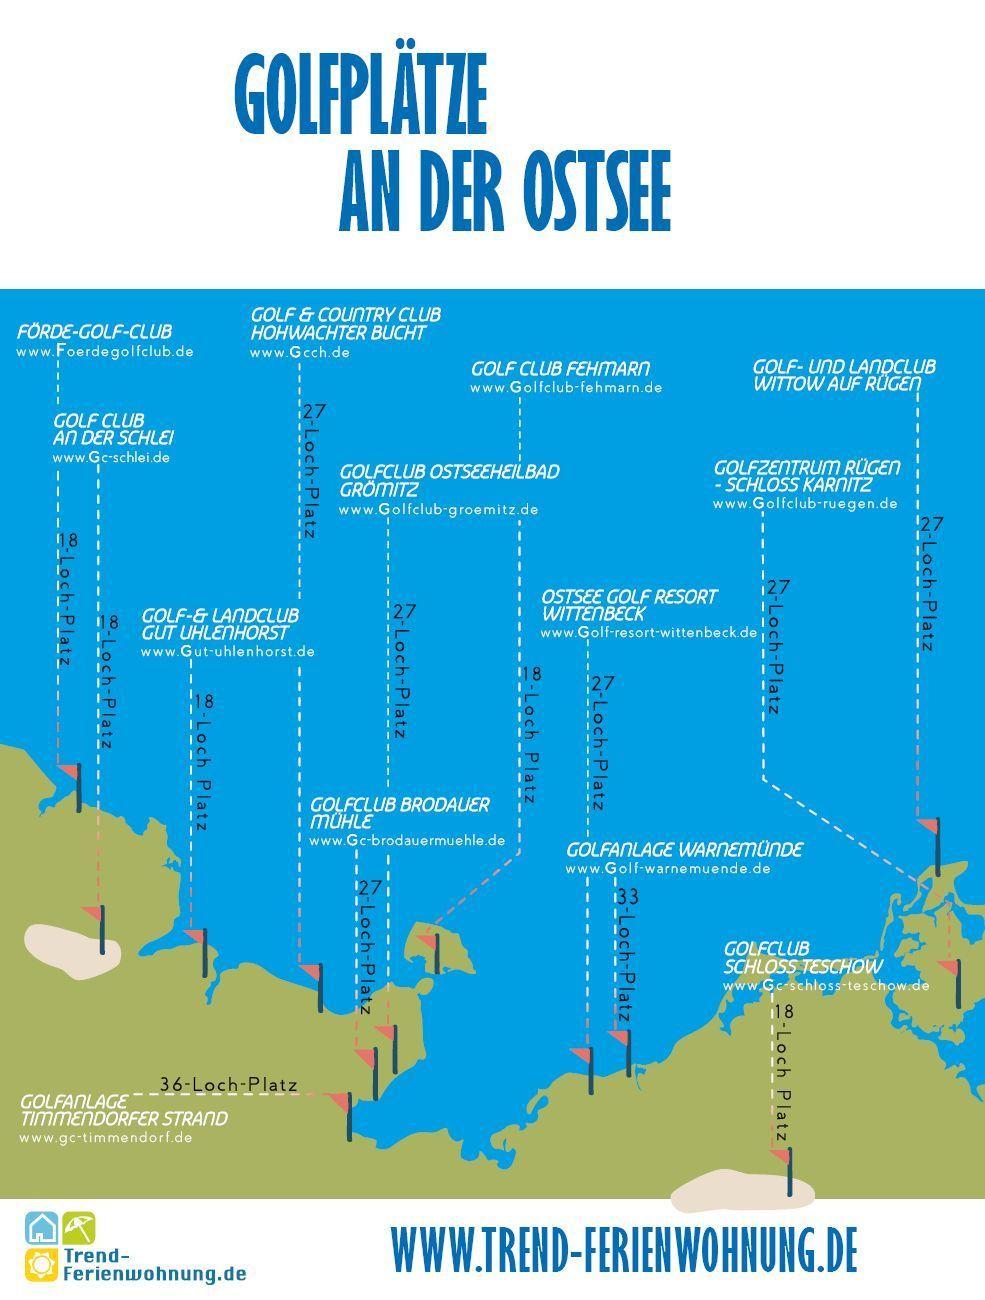 Golfen an de Ostsee